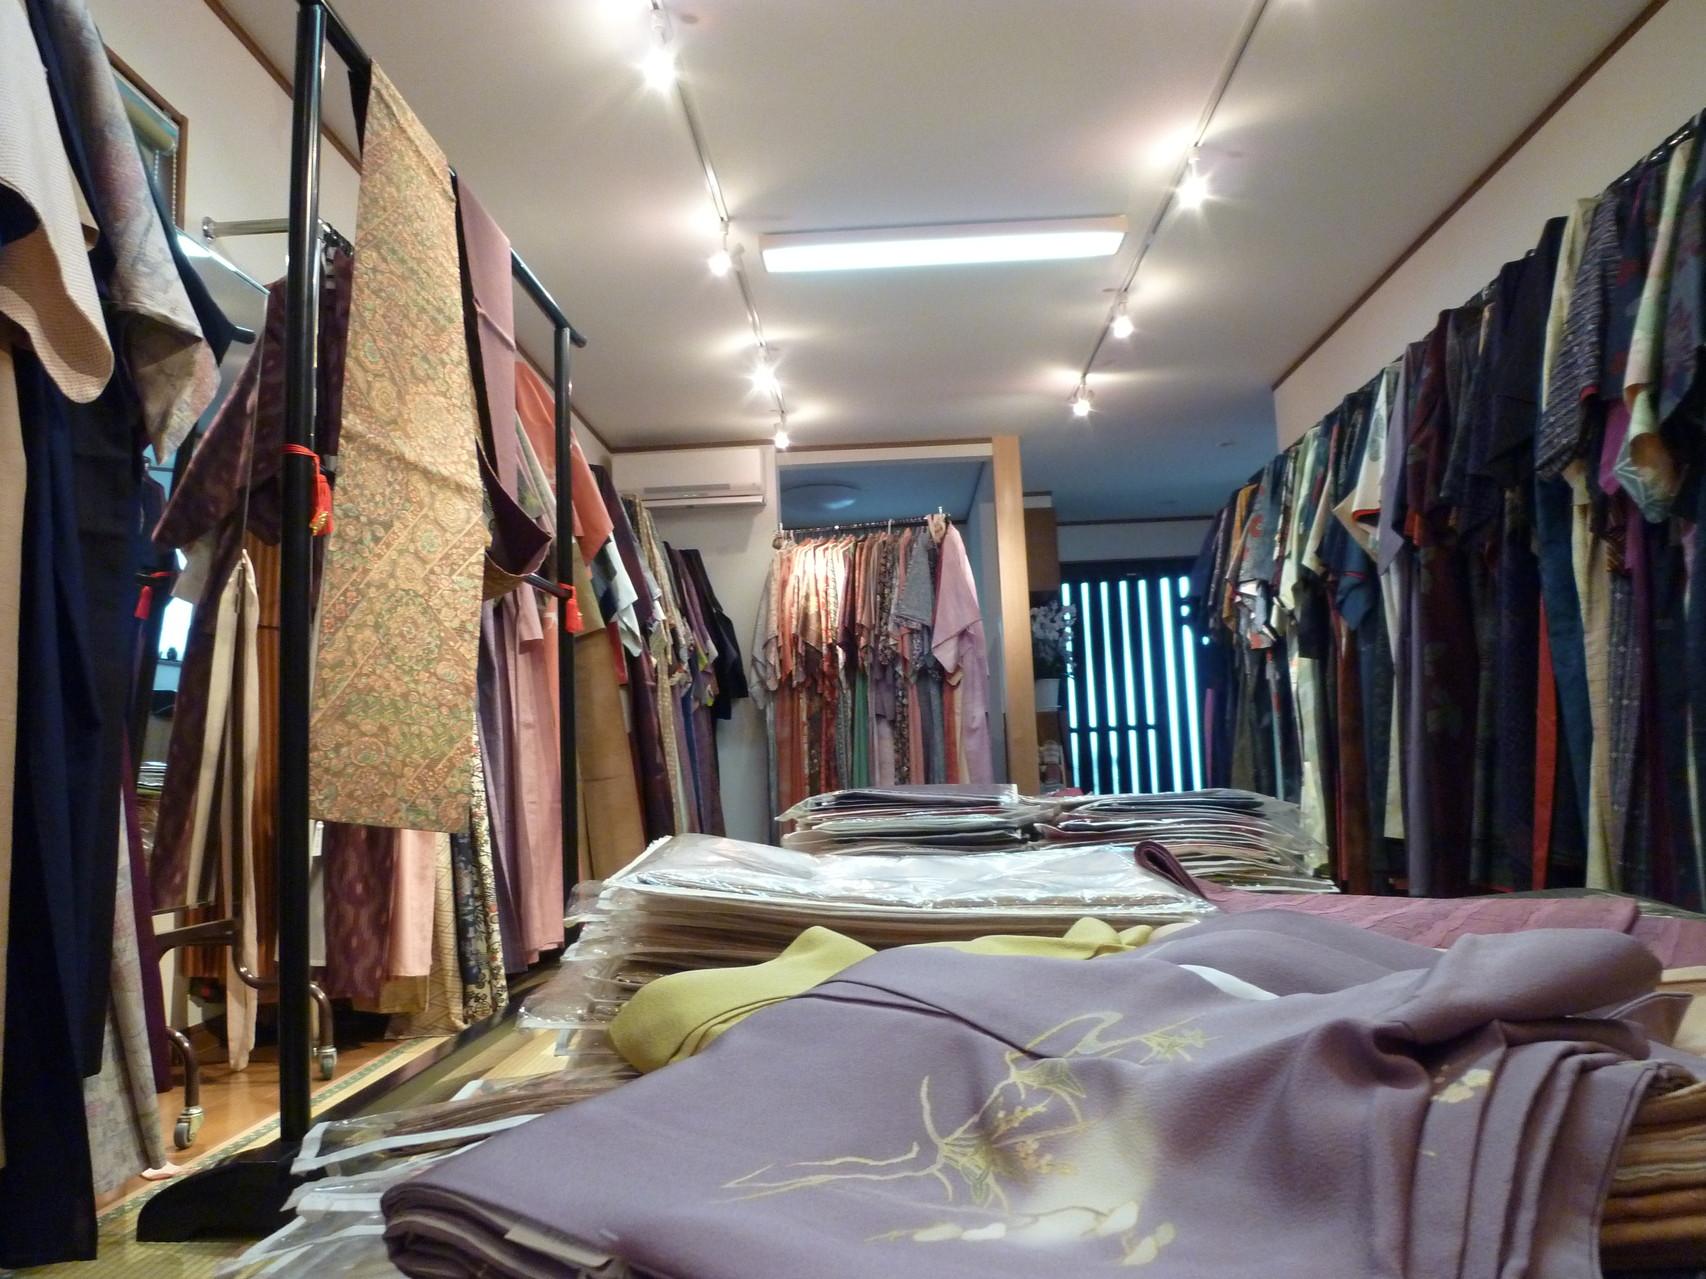 リサイクル着物全般、リメイク用品がどこよりもお手軽に手に入る『リサイクルきもの優華』